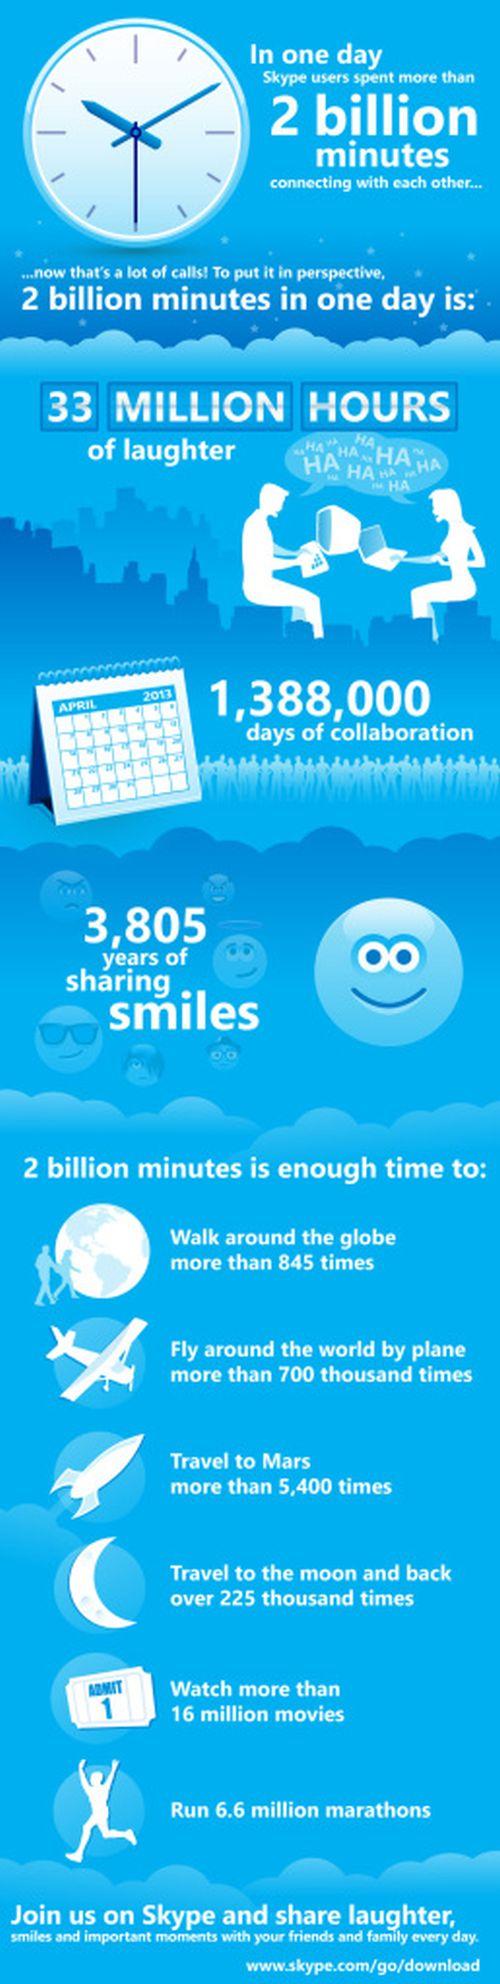 skype_infographic